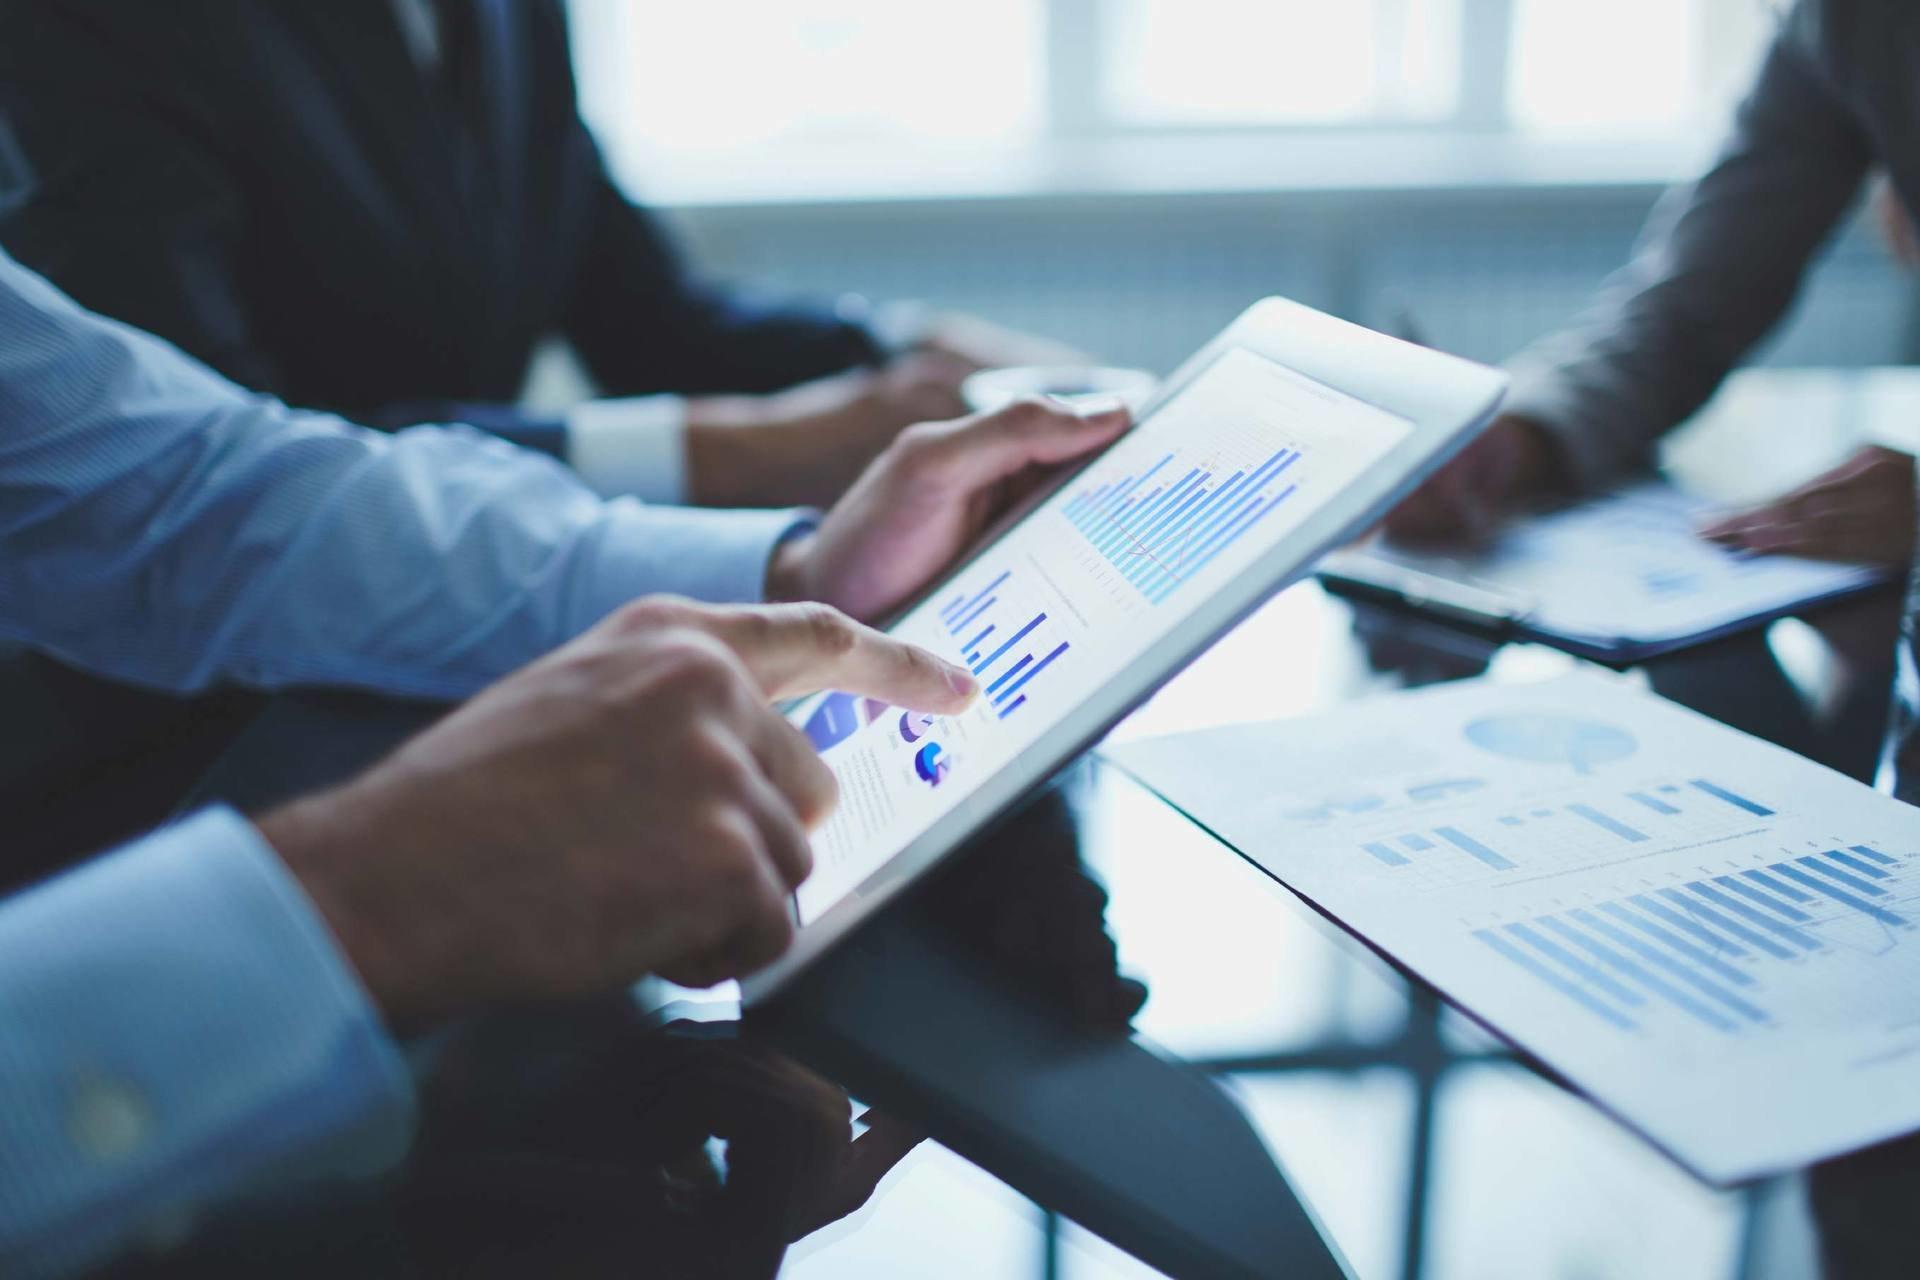 Sunrise: Stimmungsbild von Projekt Manager mit iPad zur Illustration des erfolgreichen Projekts für den Aufbau und die Verankerung des Customer Care Project Management Office (PMO).